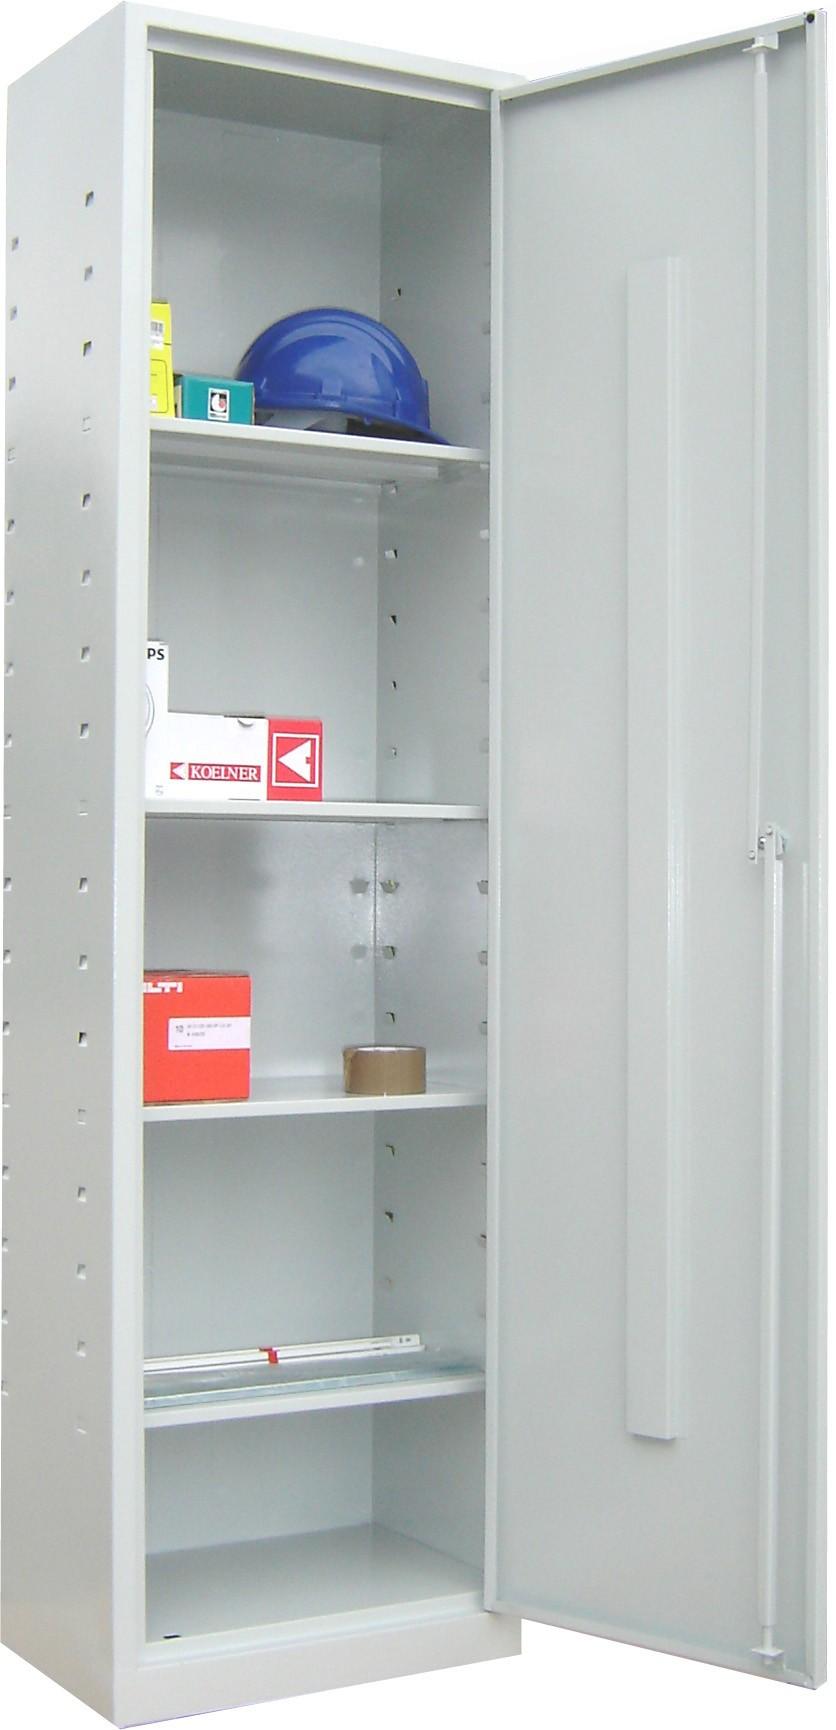 FISET METALIC MINI CU 4 RAFTURI 500x350x1800 mm (LxlxH), 35 kg/polita, ECO